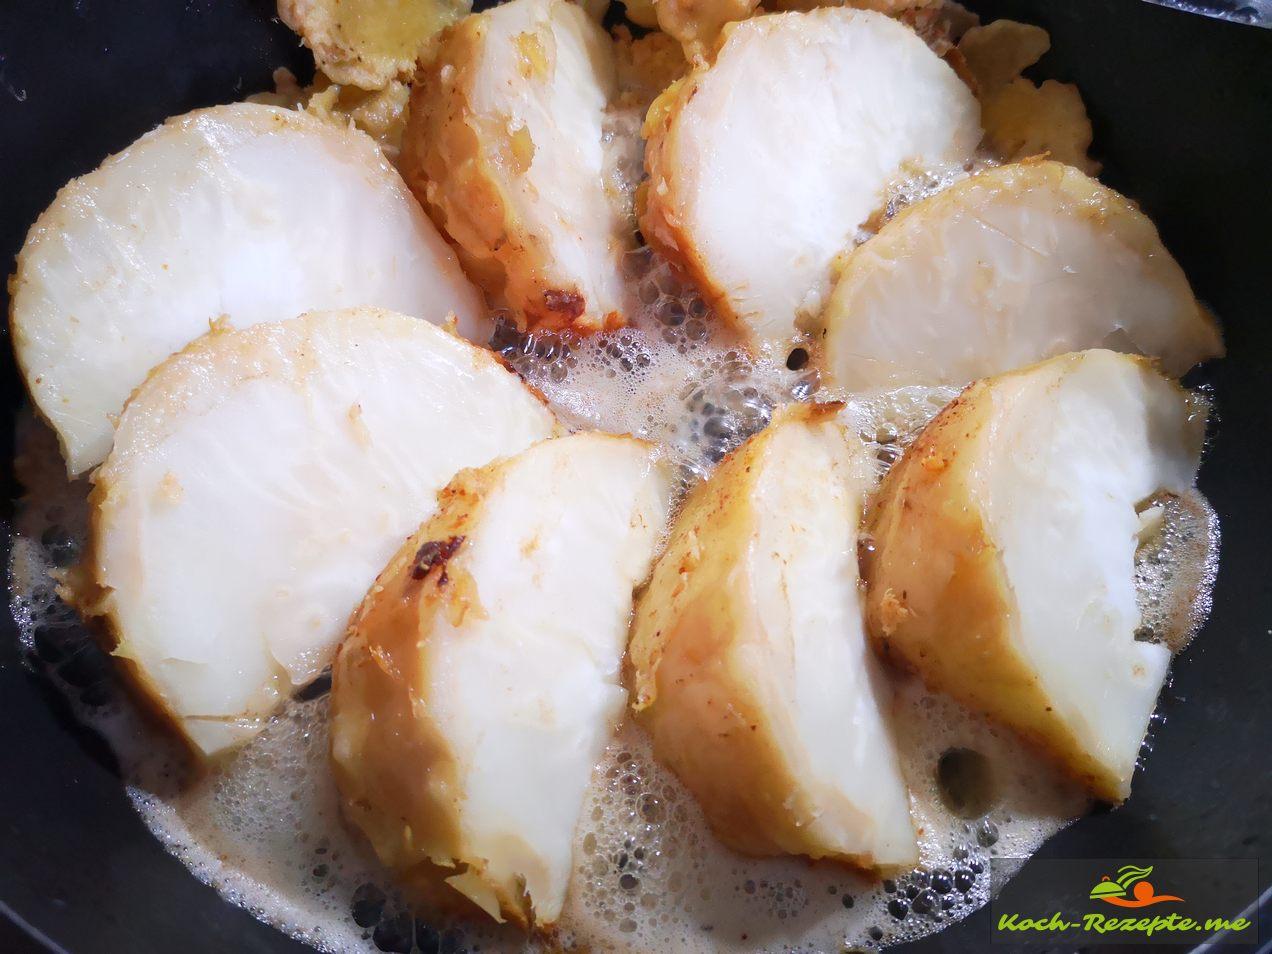 nun heiß servieren mit einer fruchtigen Currysauce